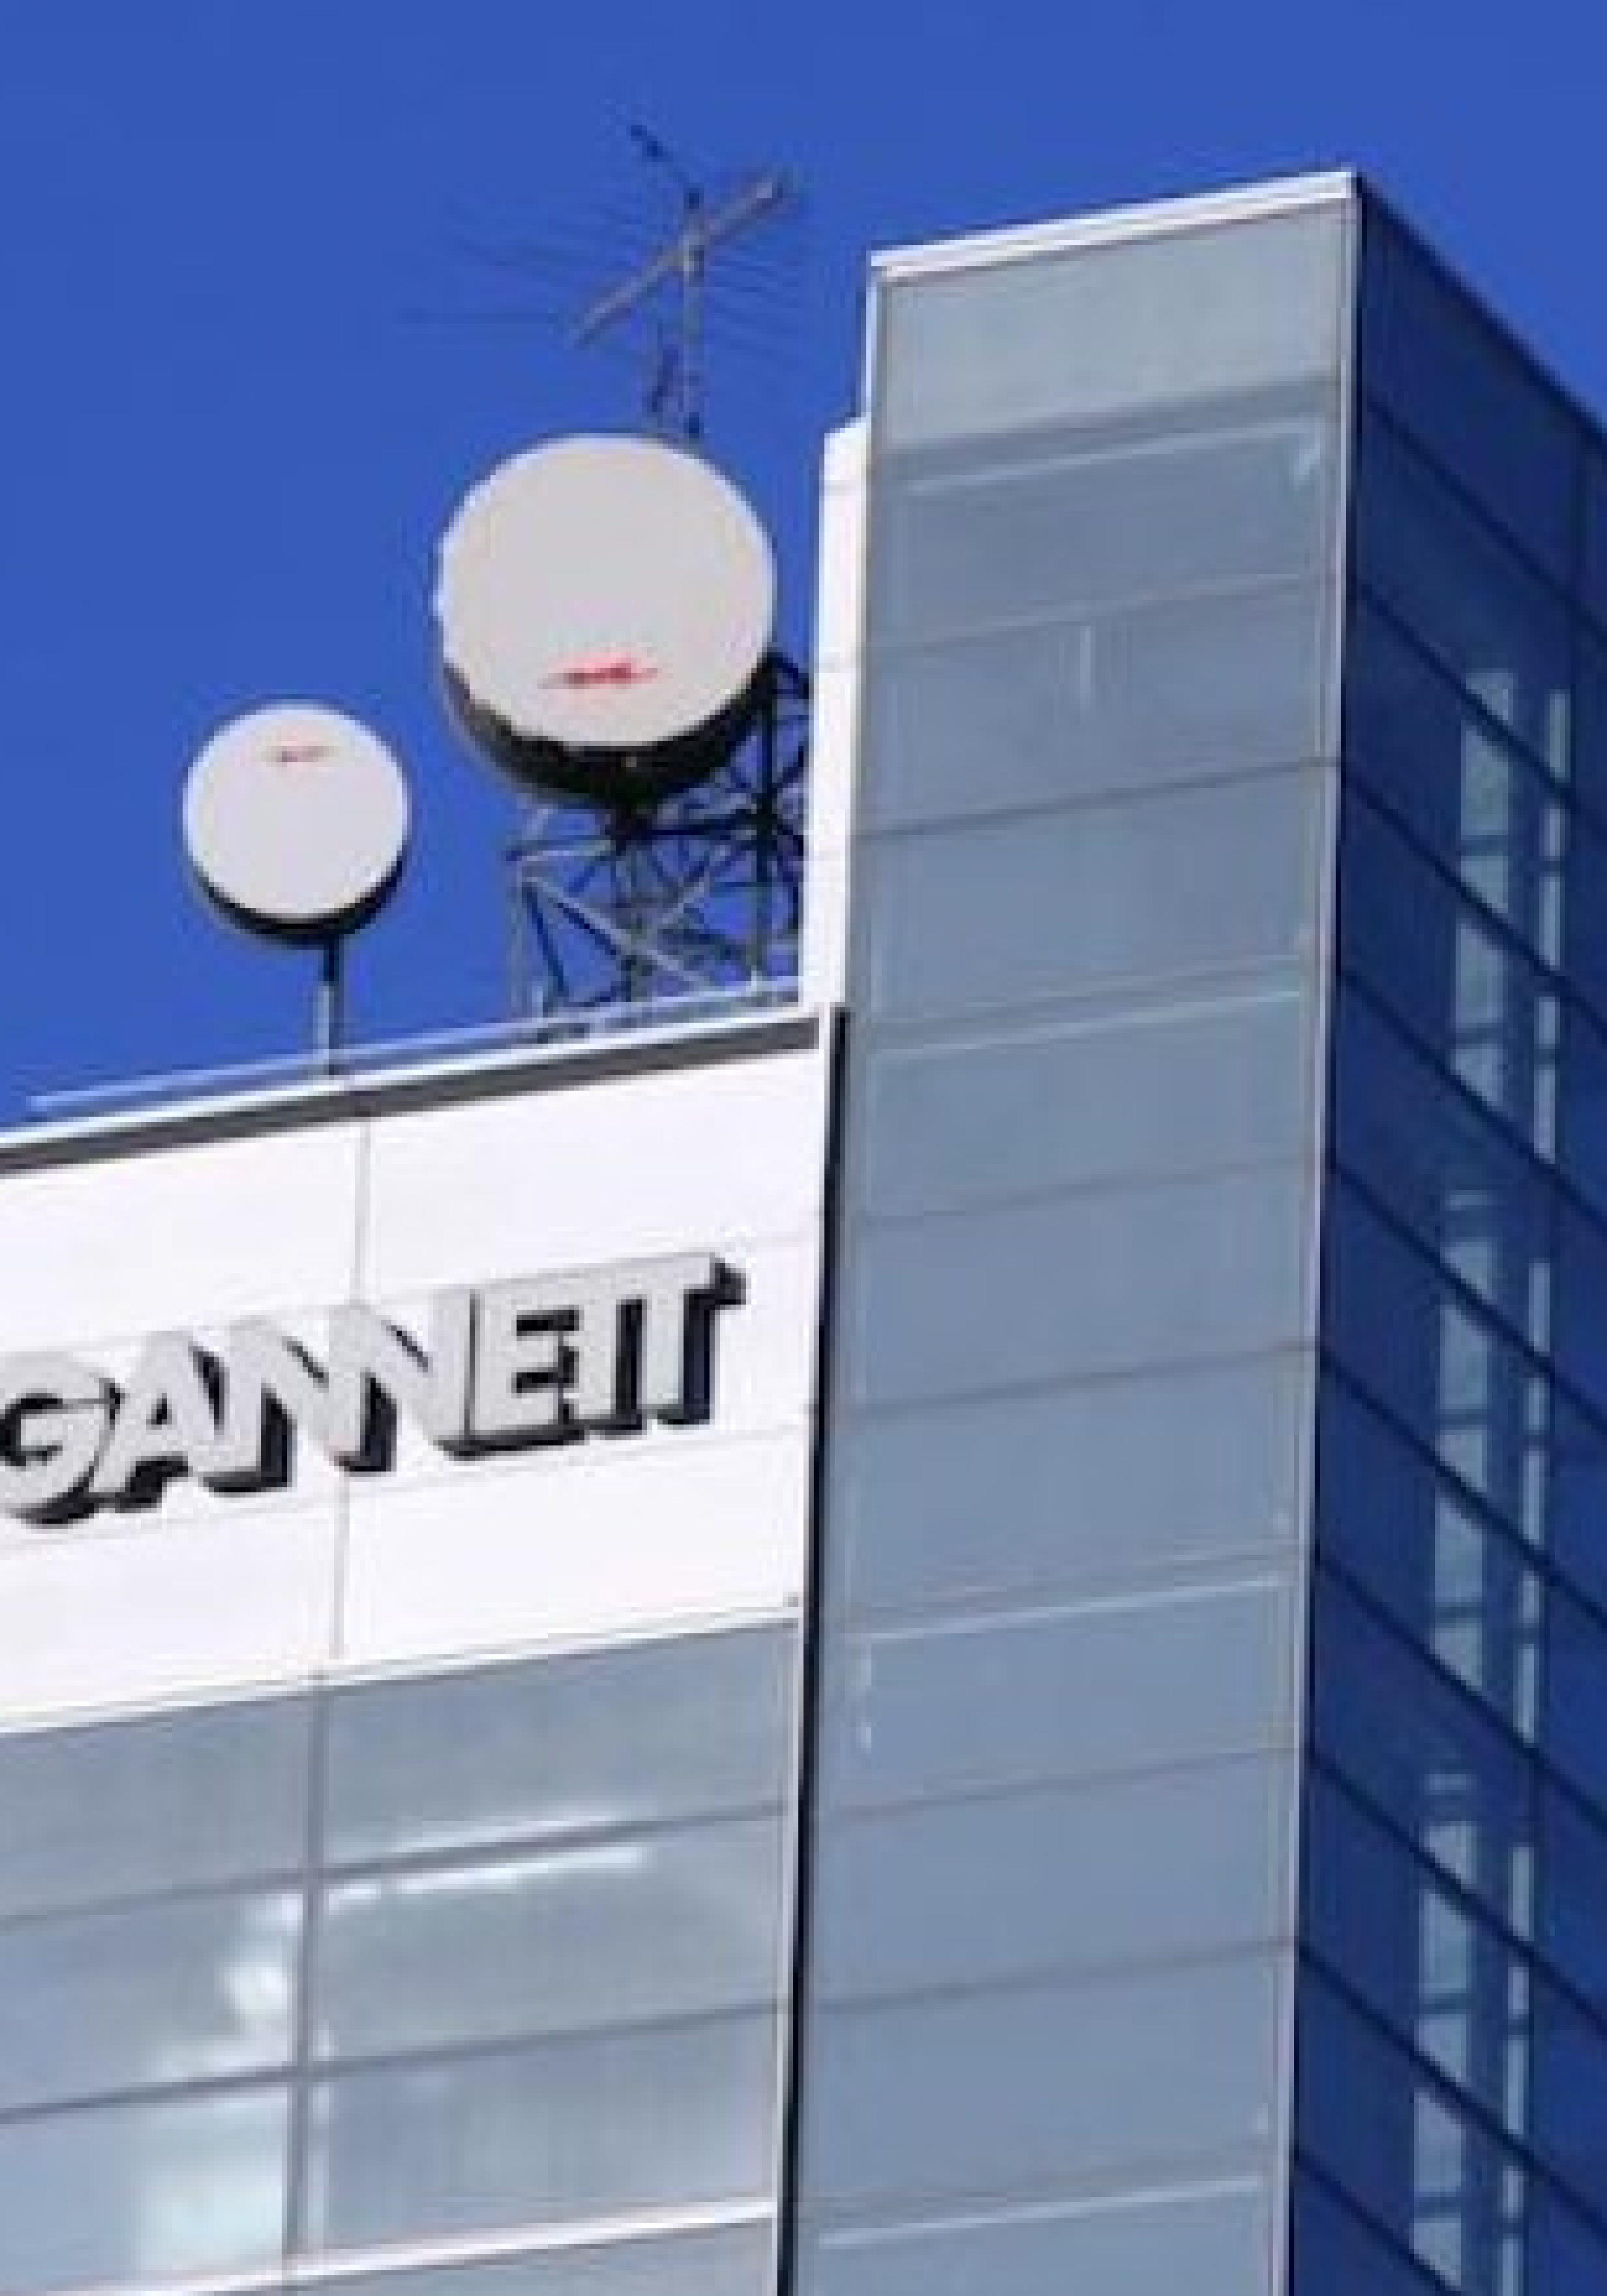 gannett-hq-cc-Custom-e1461595379962-3500x5000.jpg